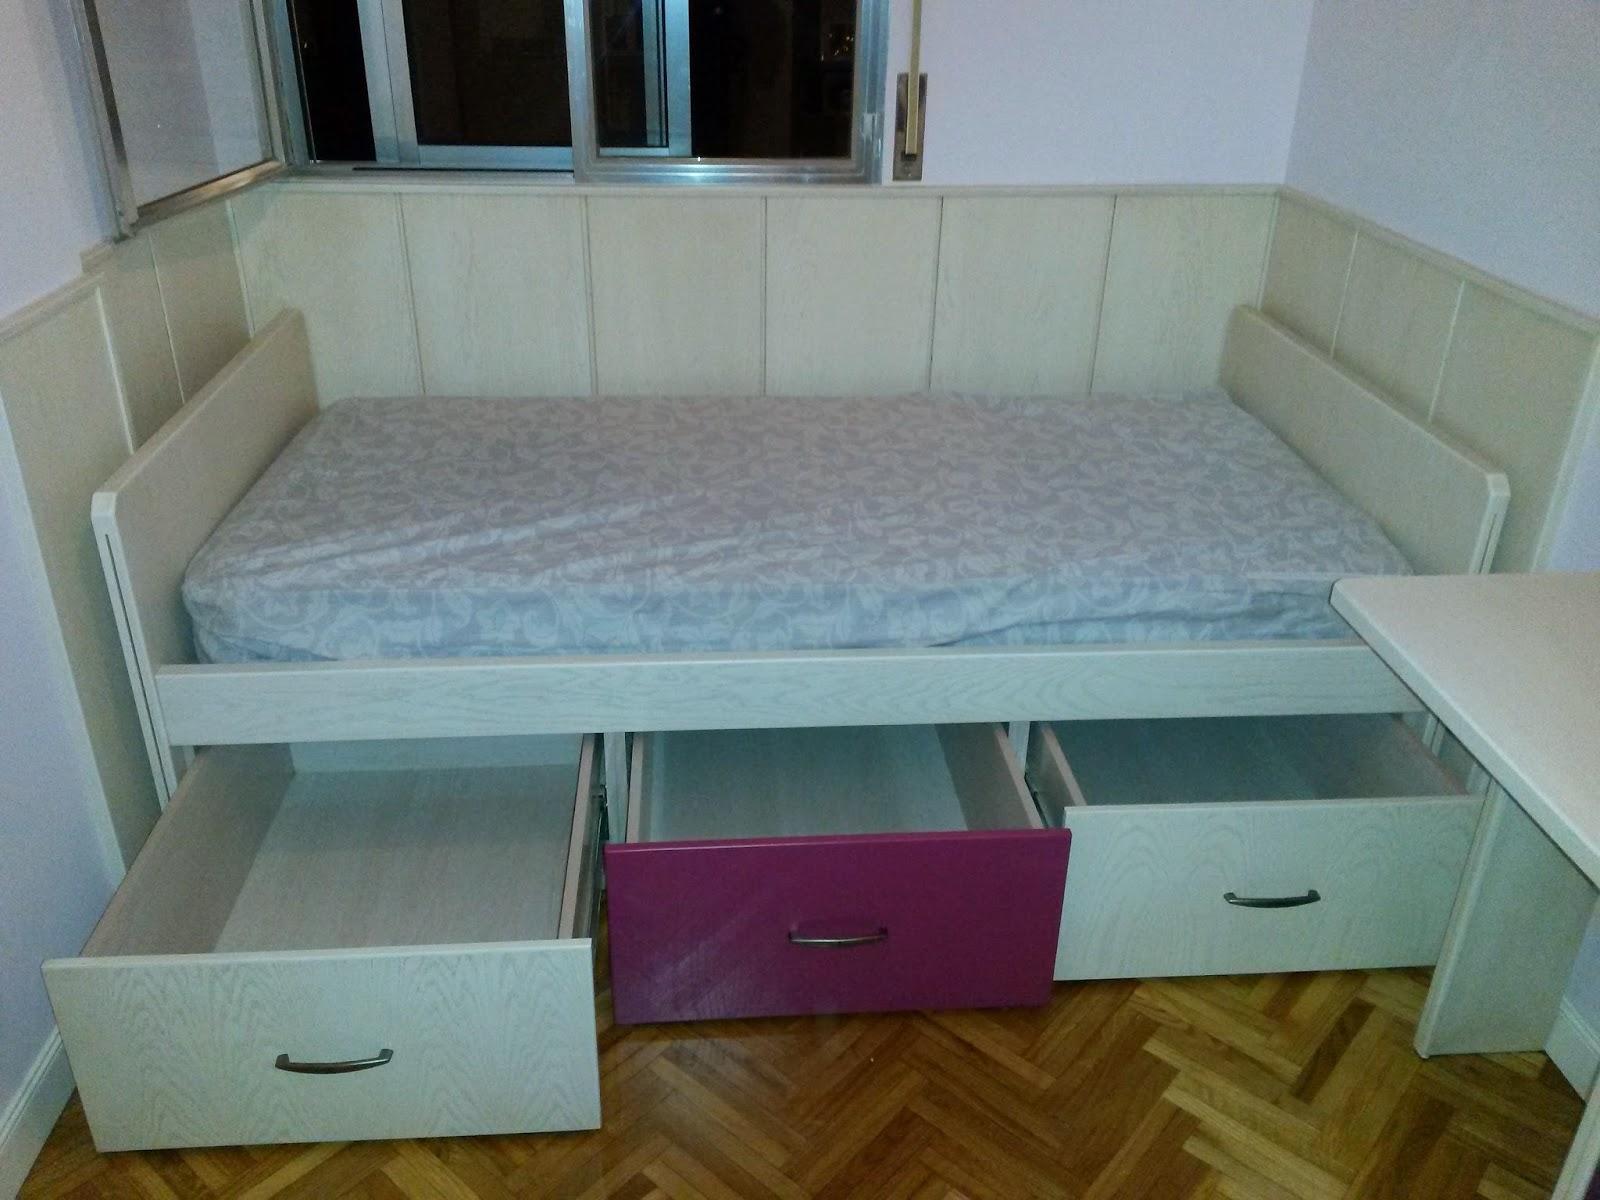 Muebles a medida friso cama con cajones debajo en roble - Camas cajones debajo ...